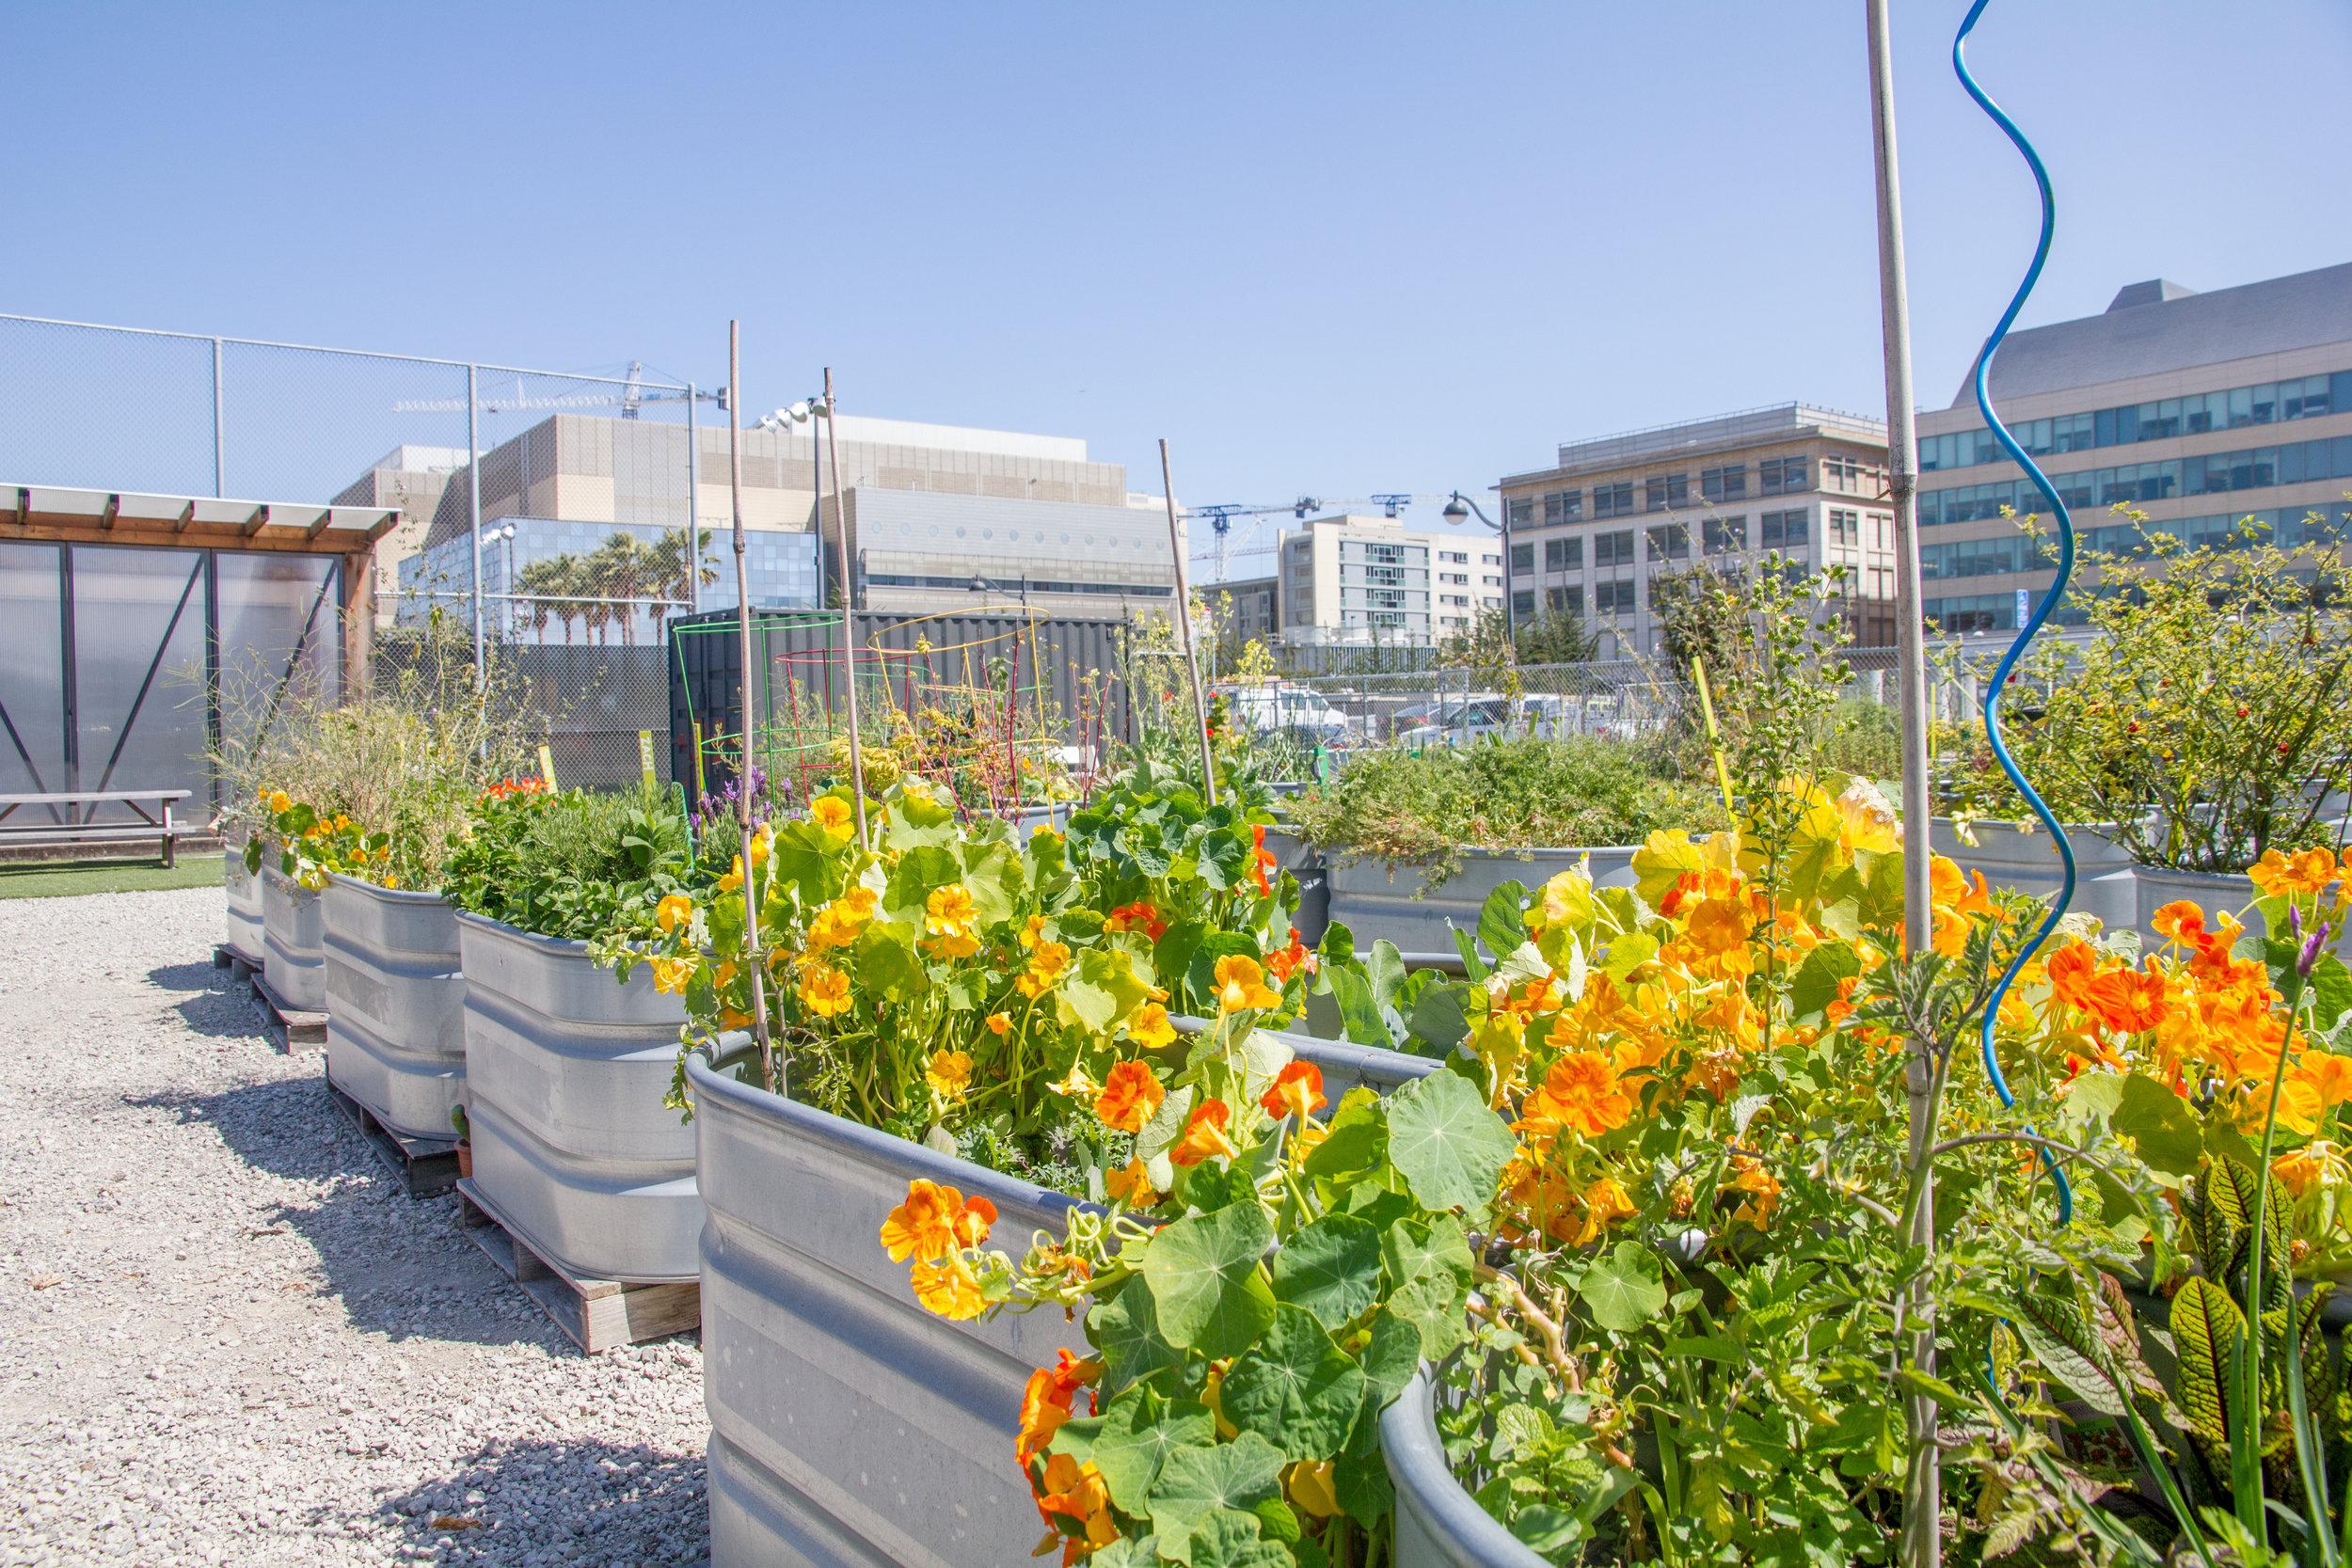 Parklab Community Garden